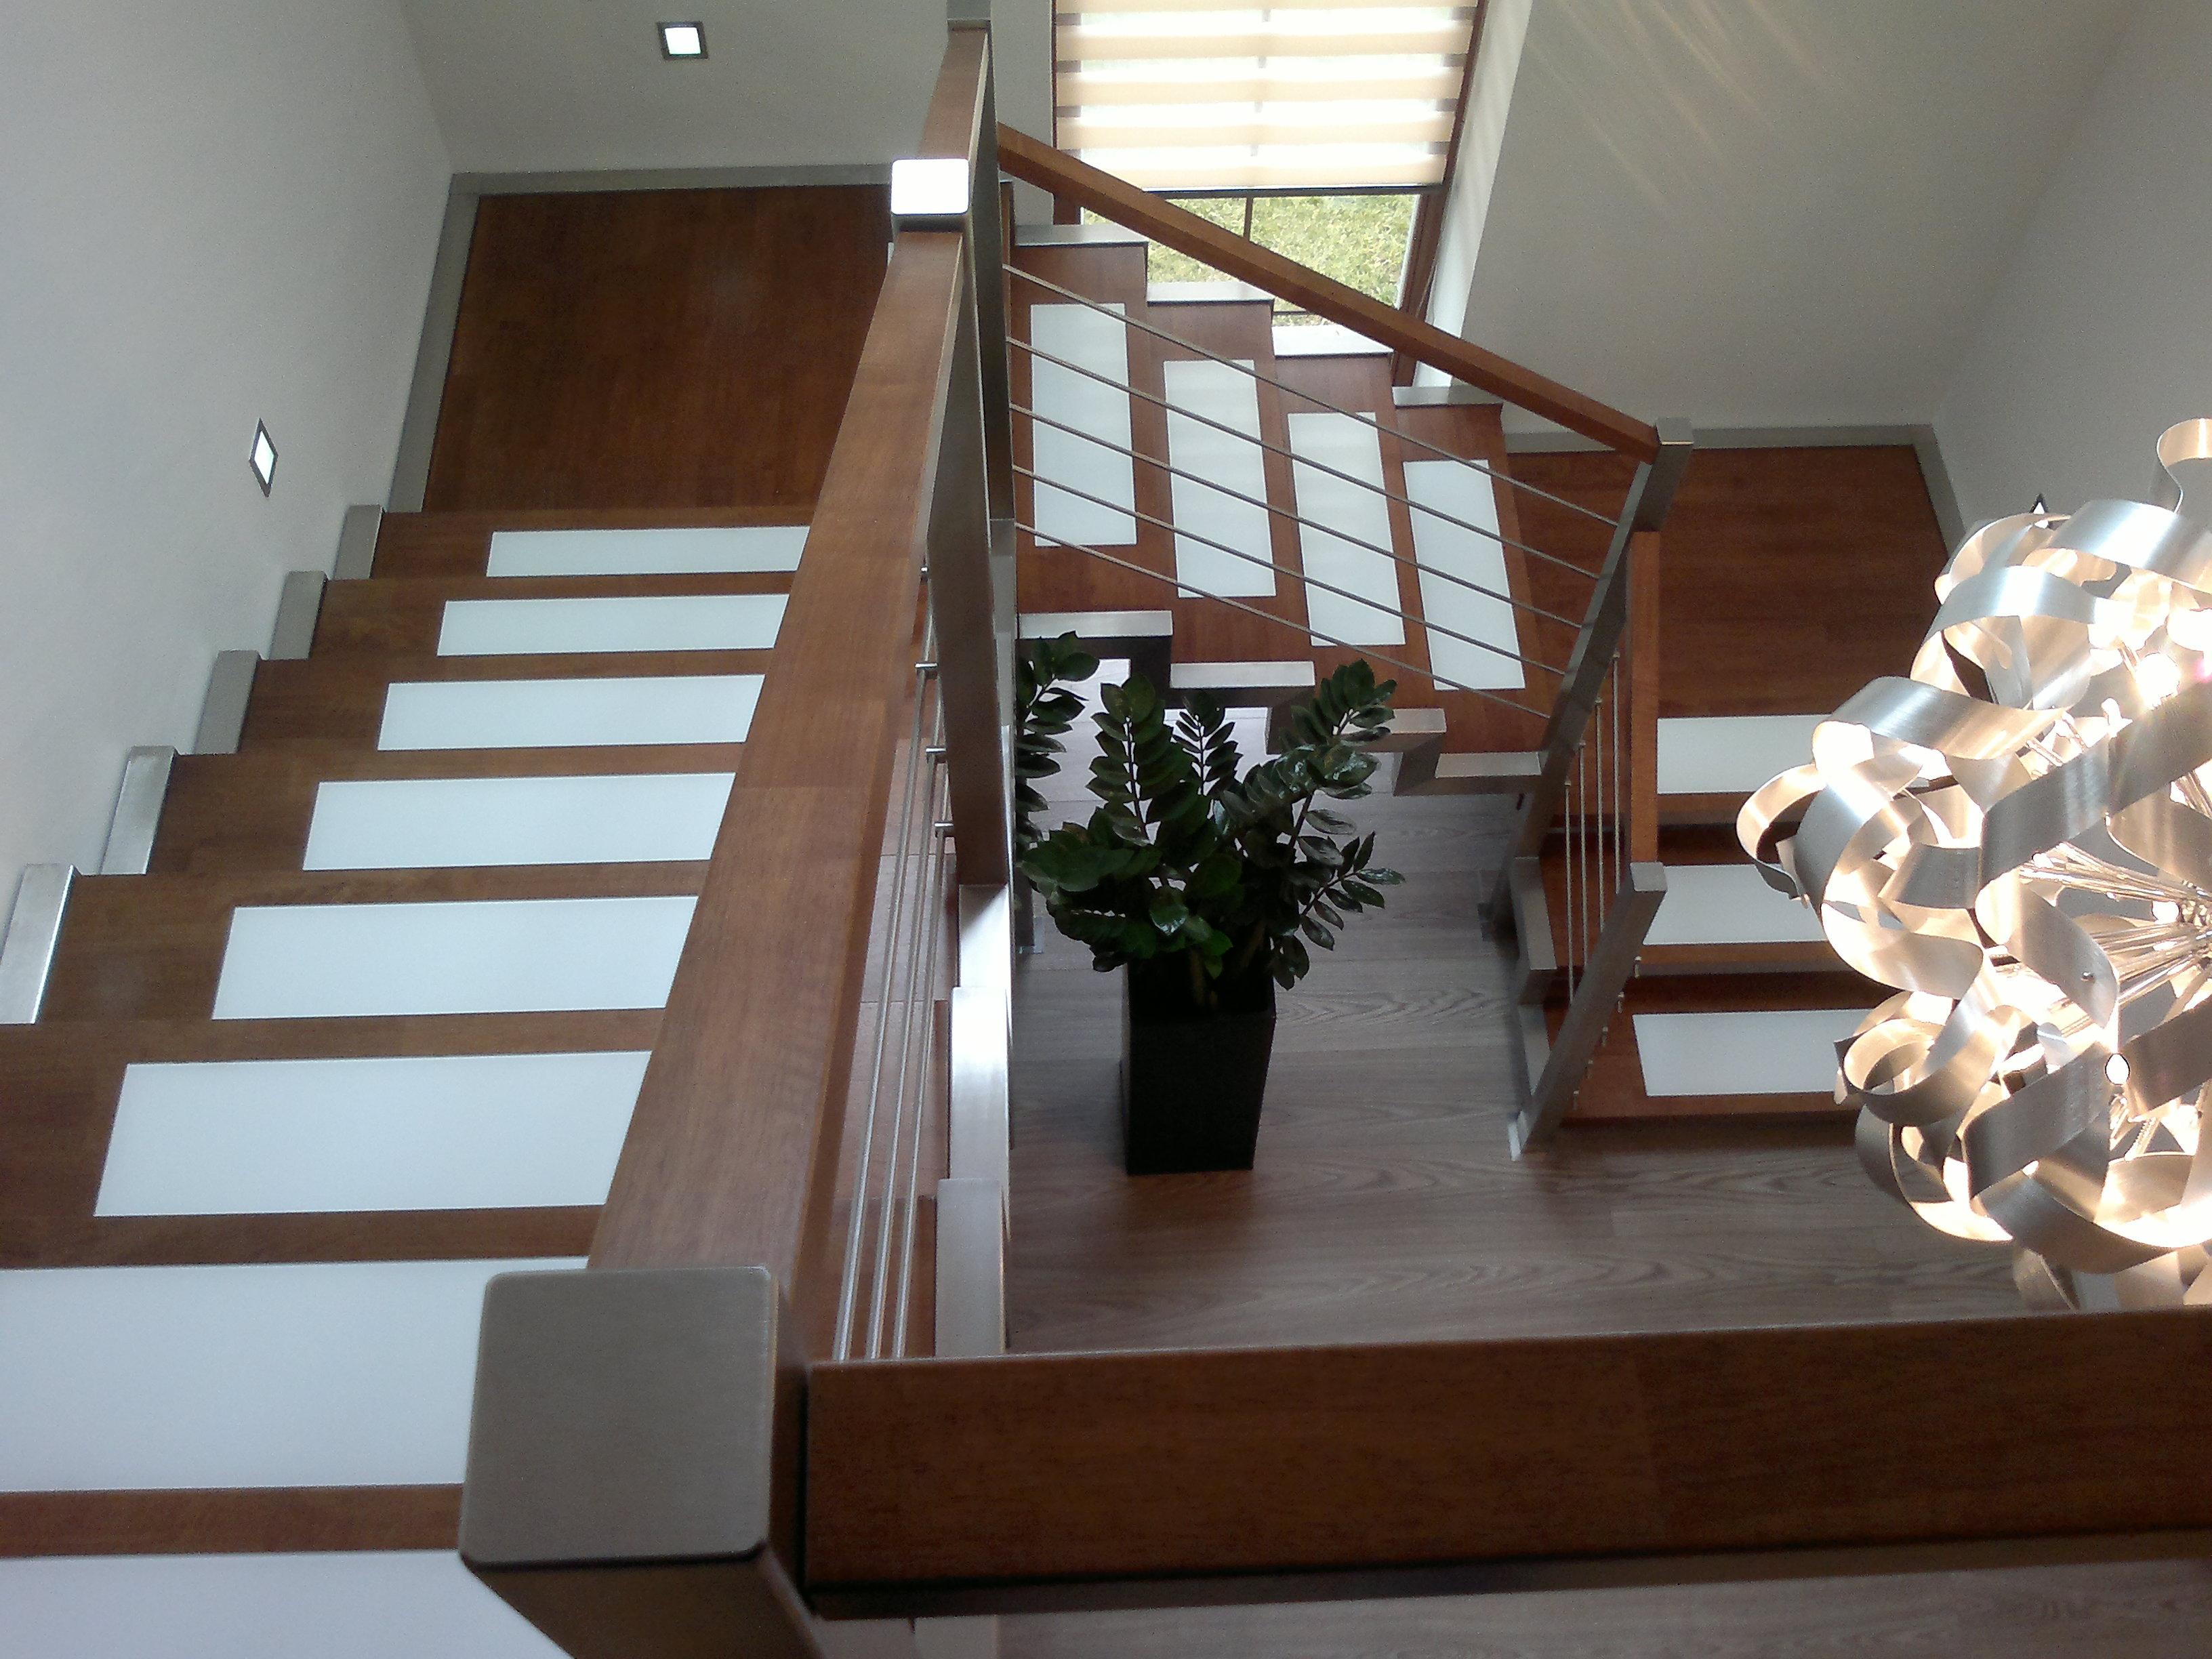 Truhlářství, truhlářská zakázková výroba nábytku na klíč, realizace, nábytek do interiéru